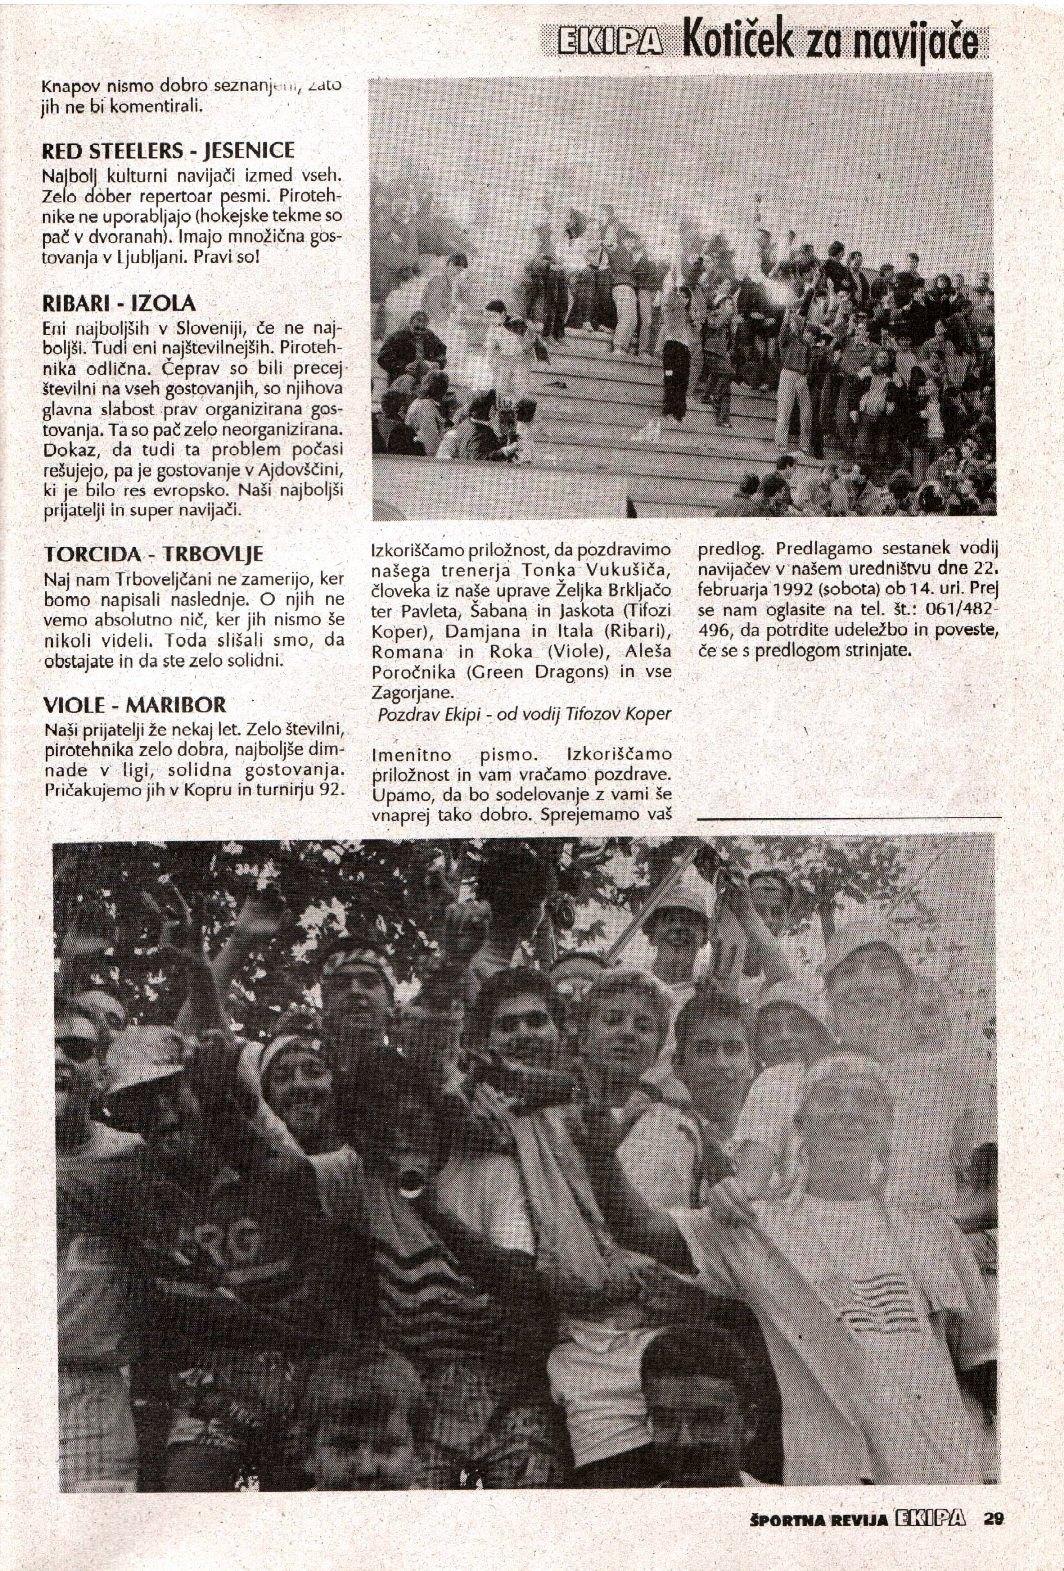 KZN10-2_11_2_1992